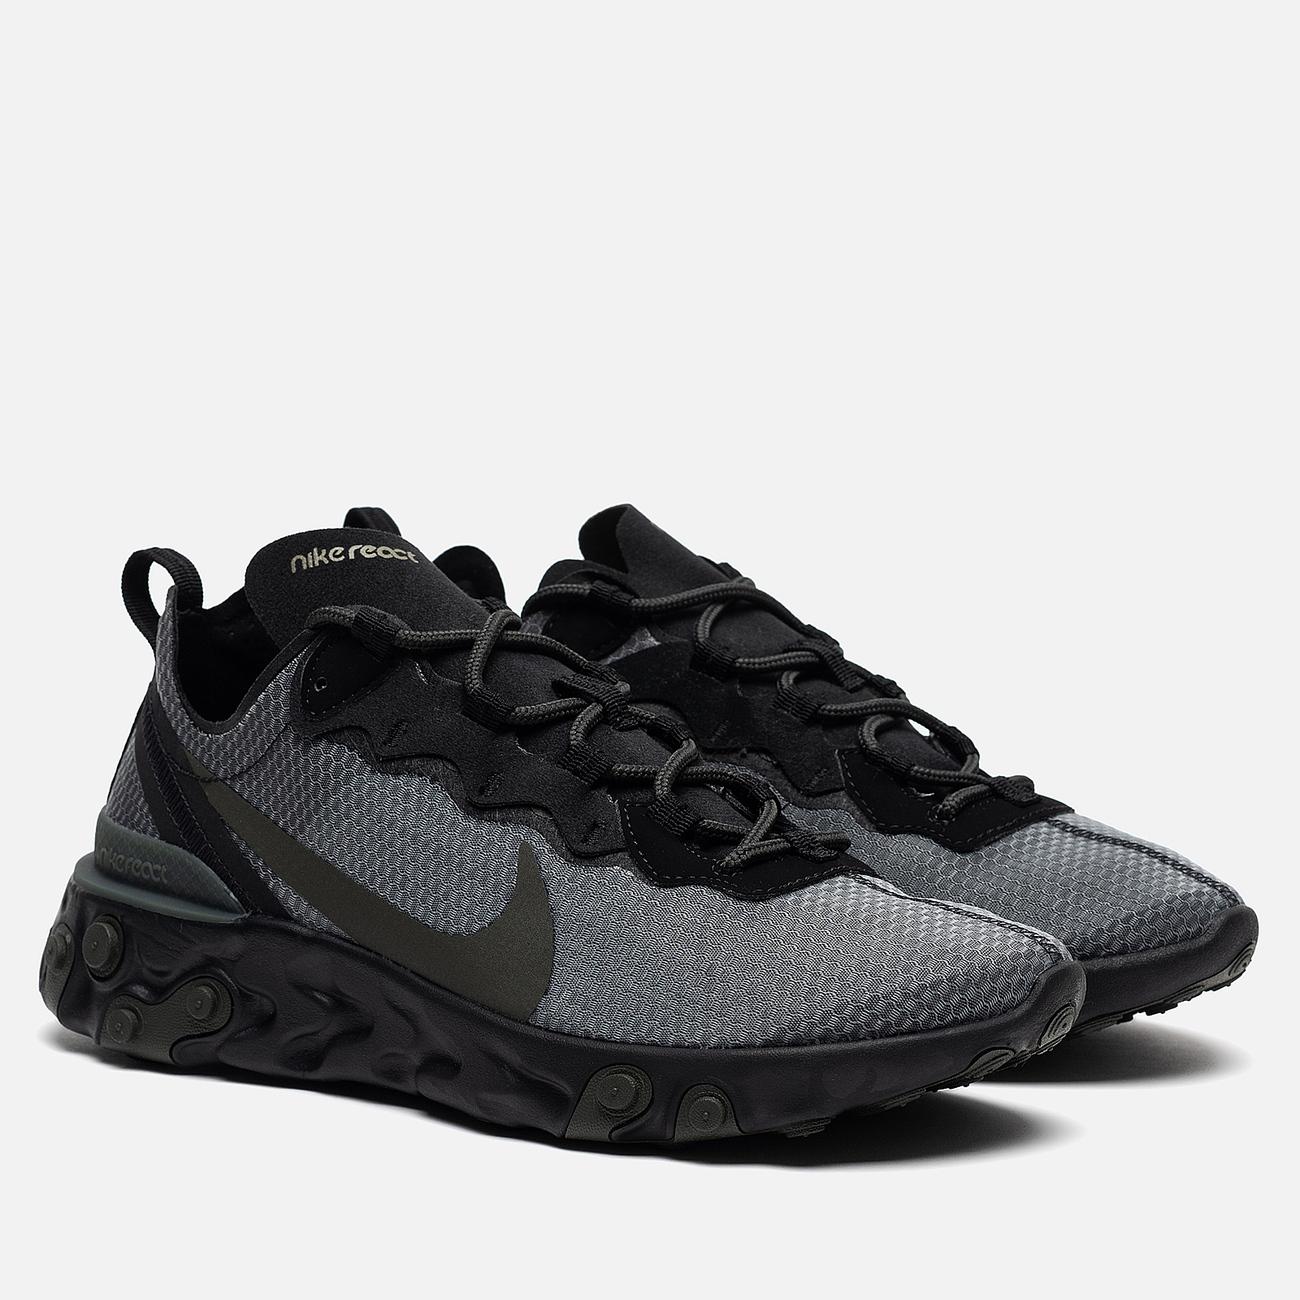 Кроссовки Nike React Element 55 Black/Sequoia/Medium Olive